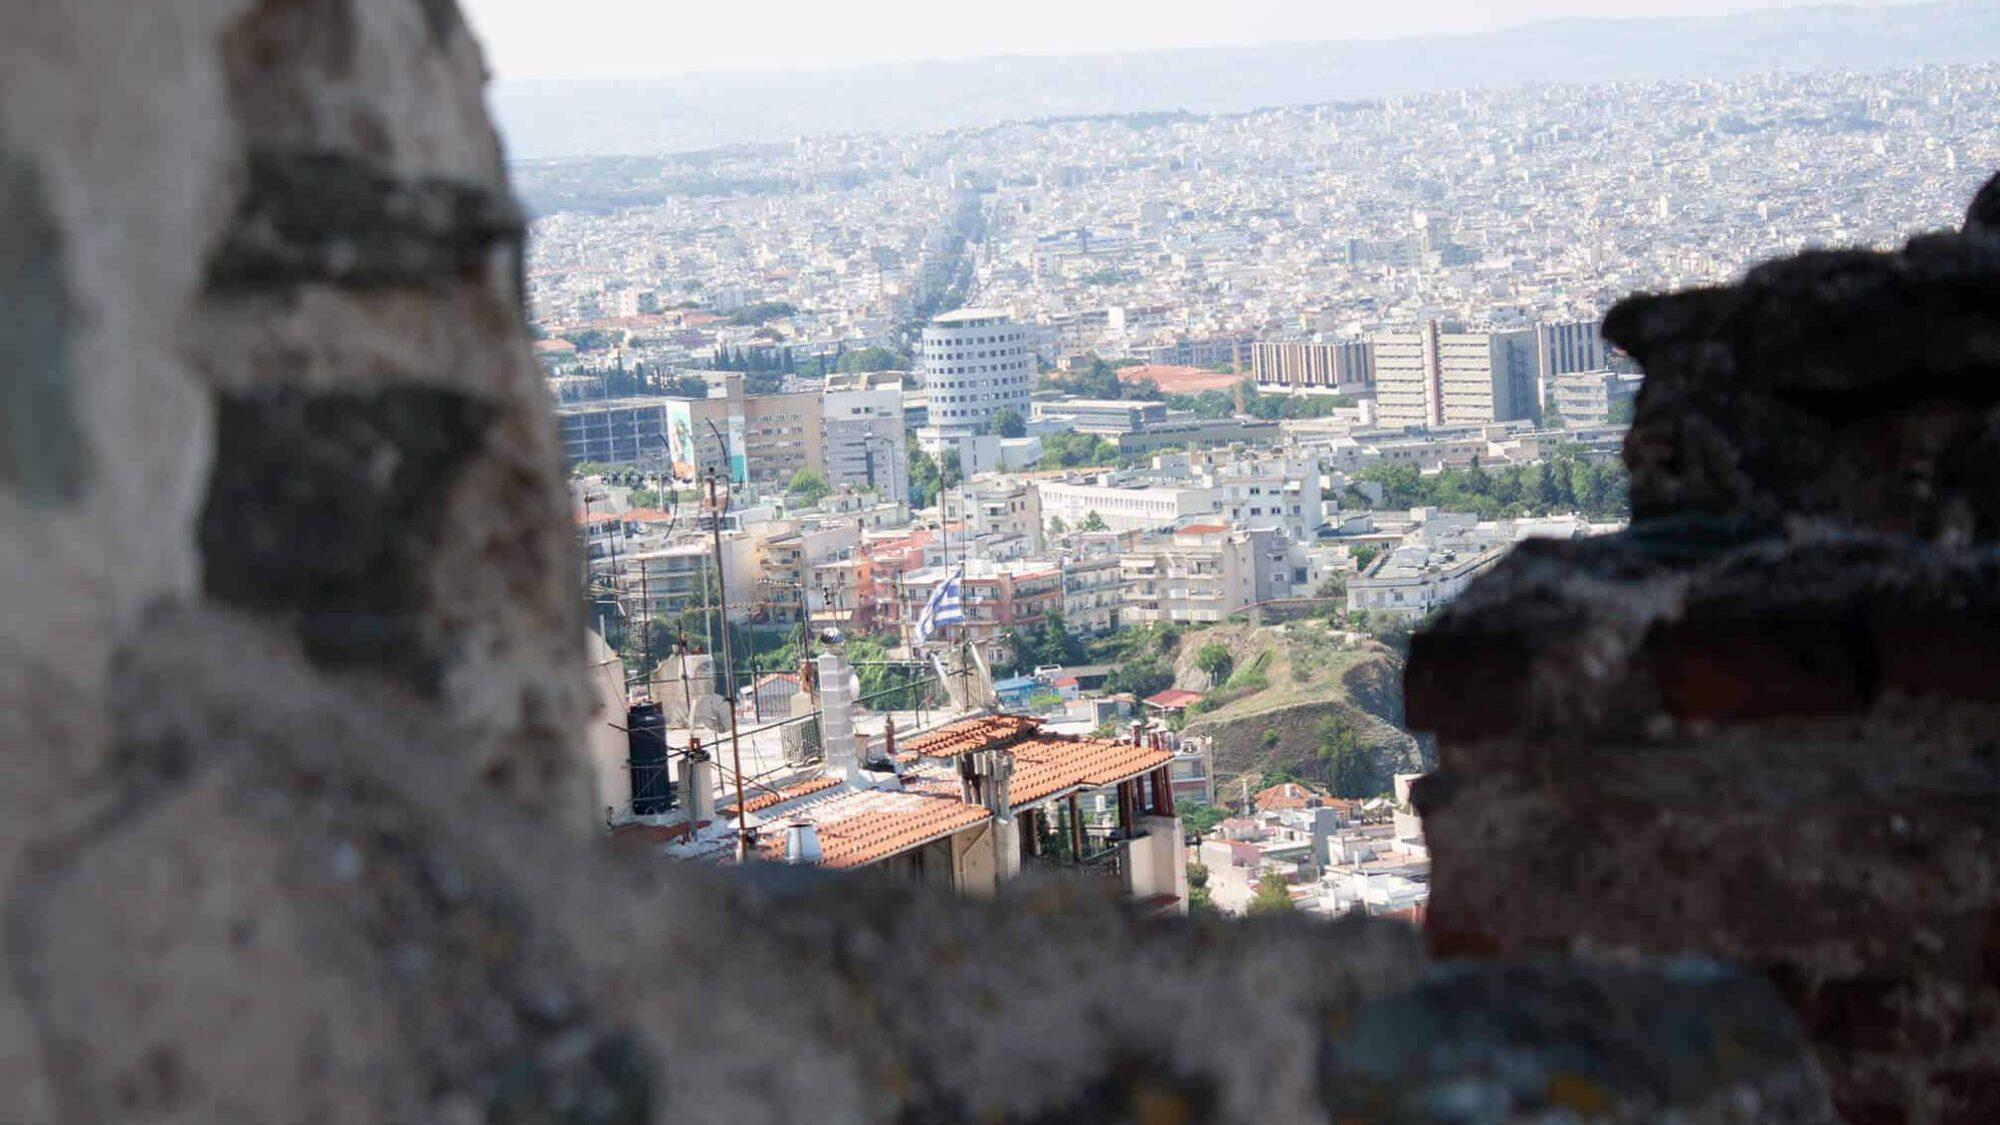 Sicht auf die Stadt Thessaloniki